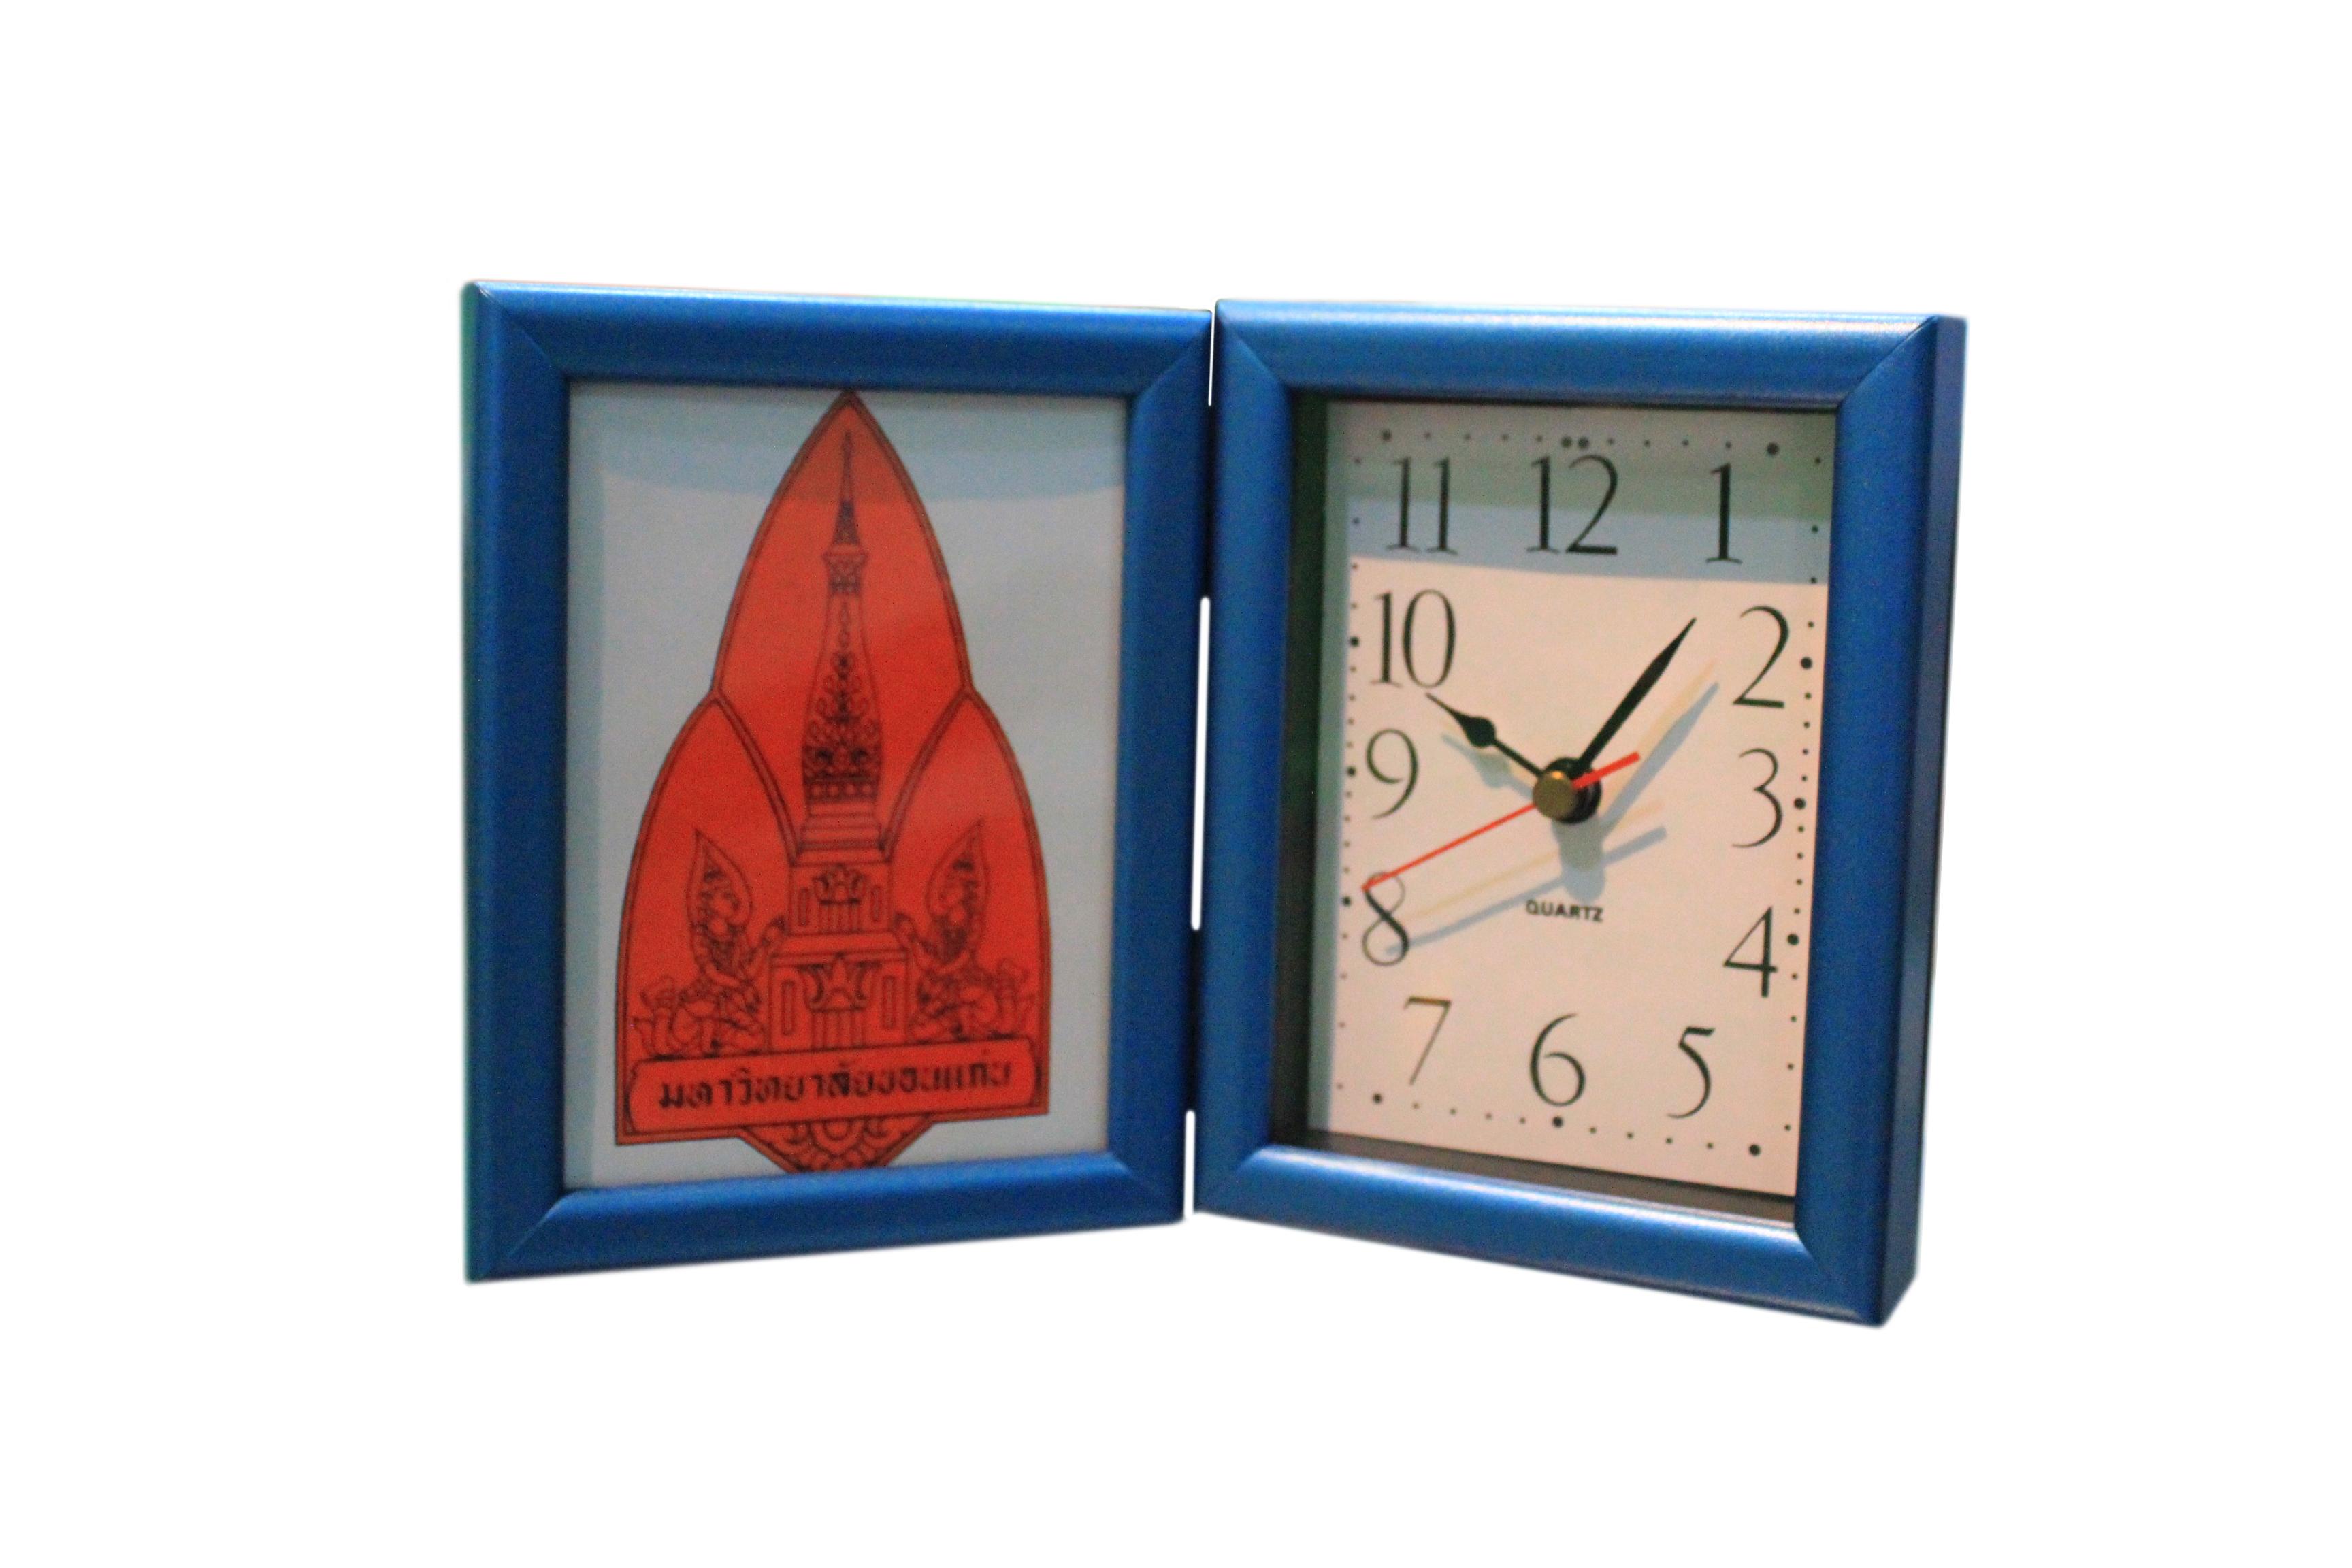 นาฬิกาพับเล็ก สีฟ้า